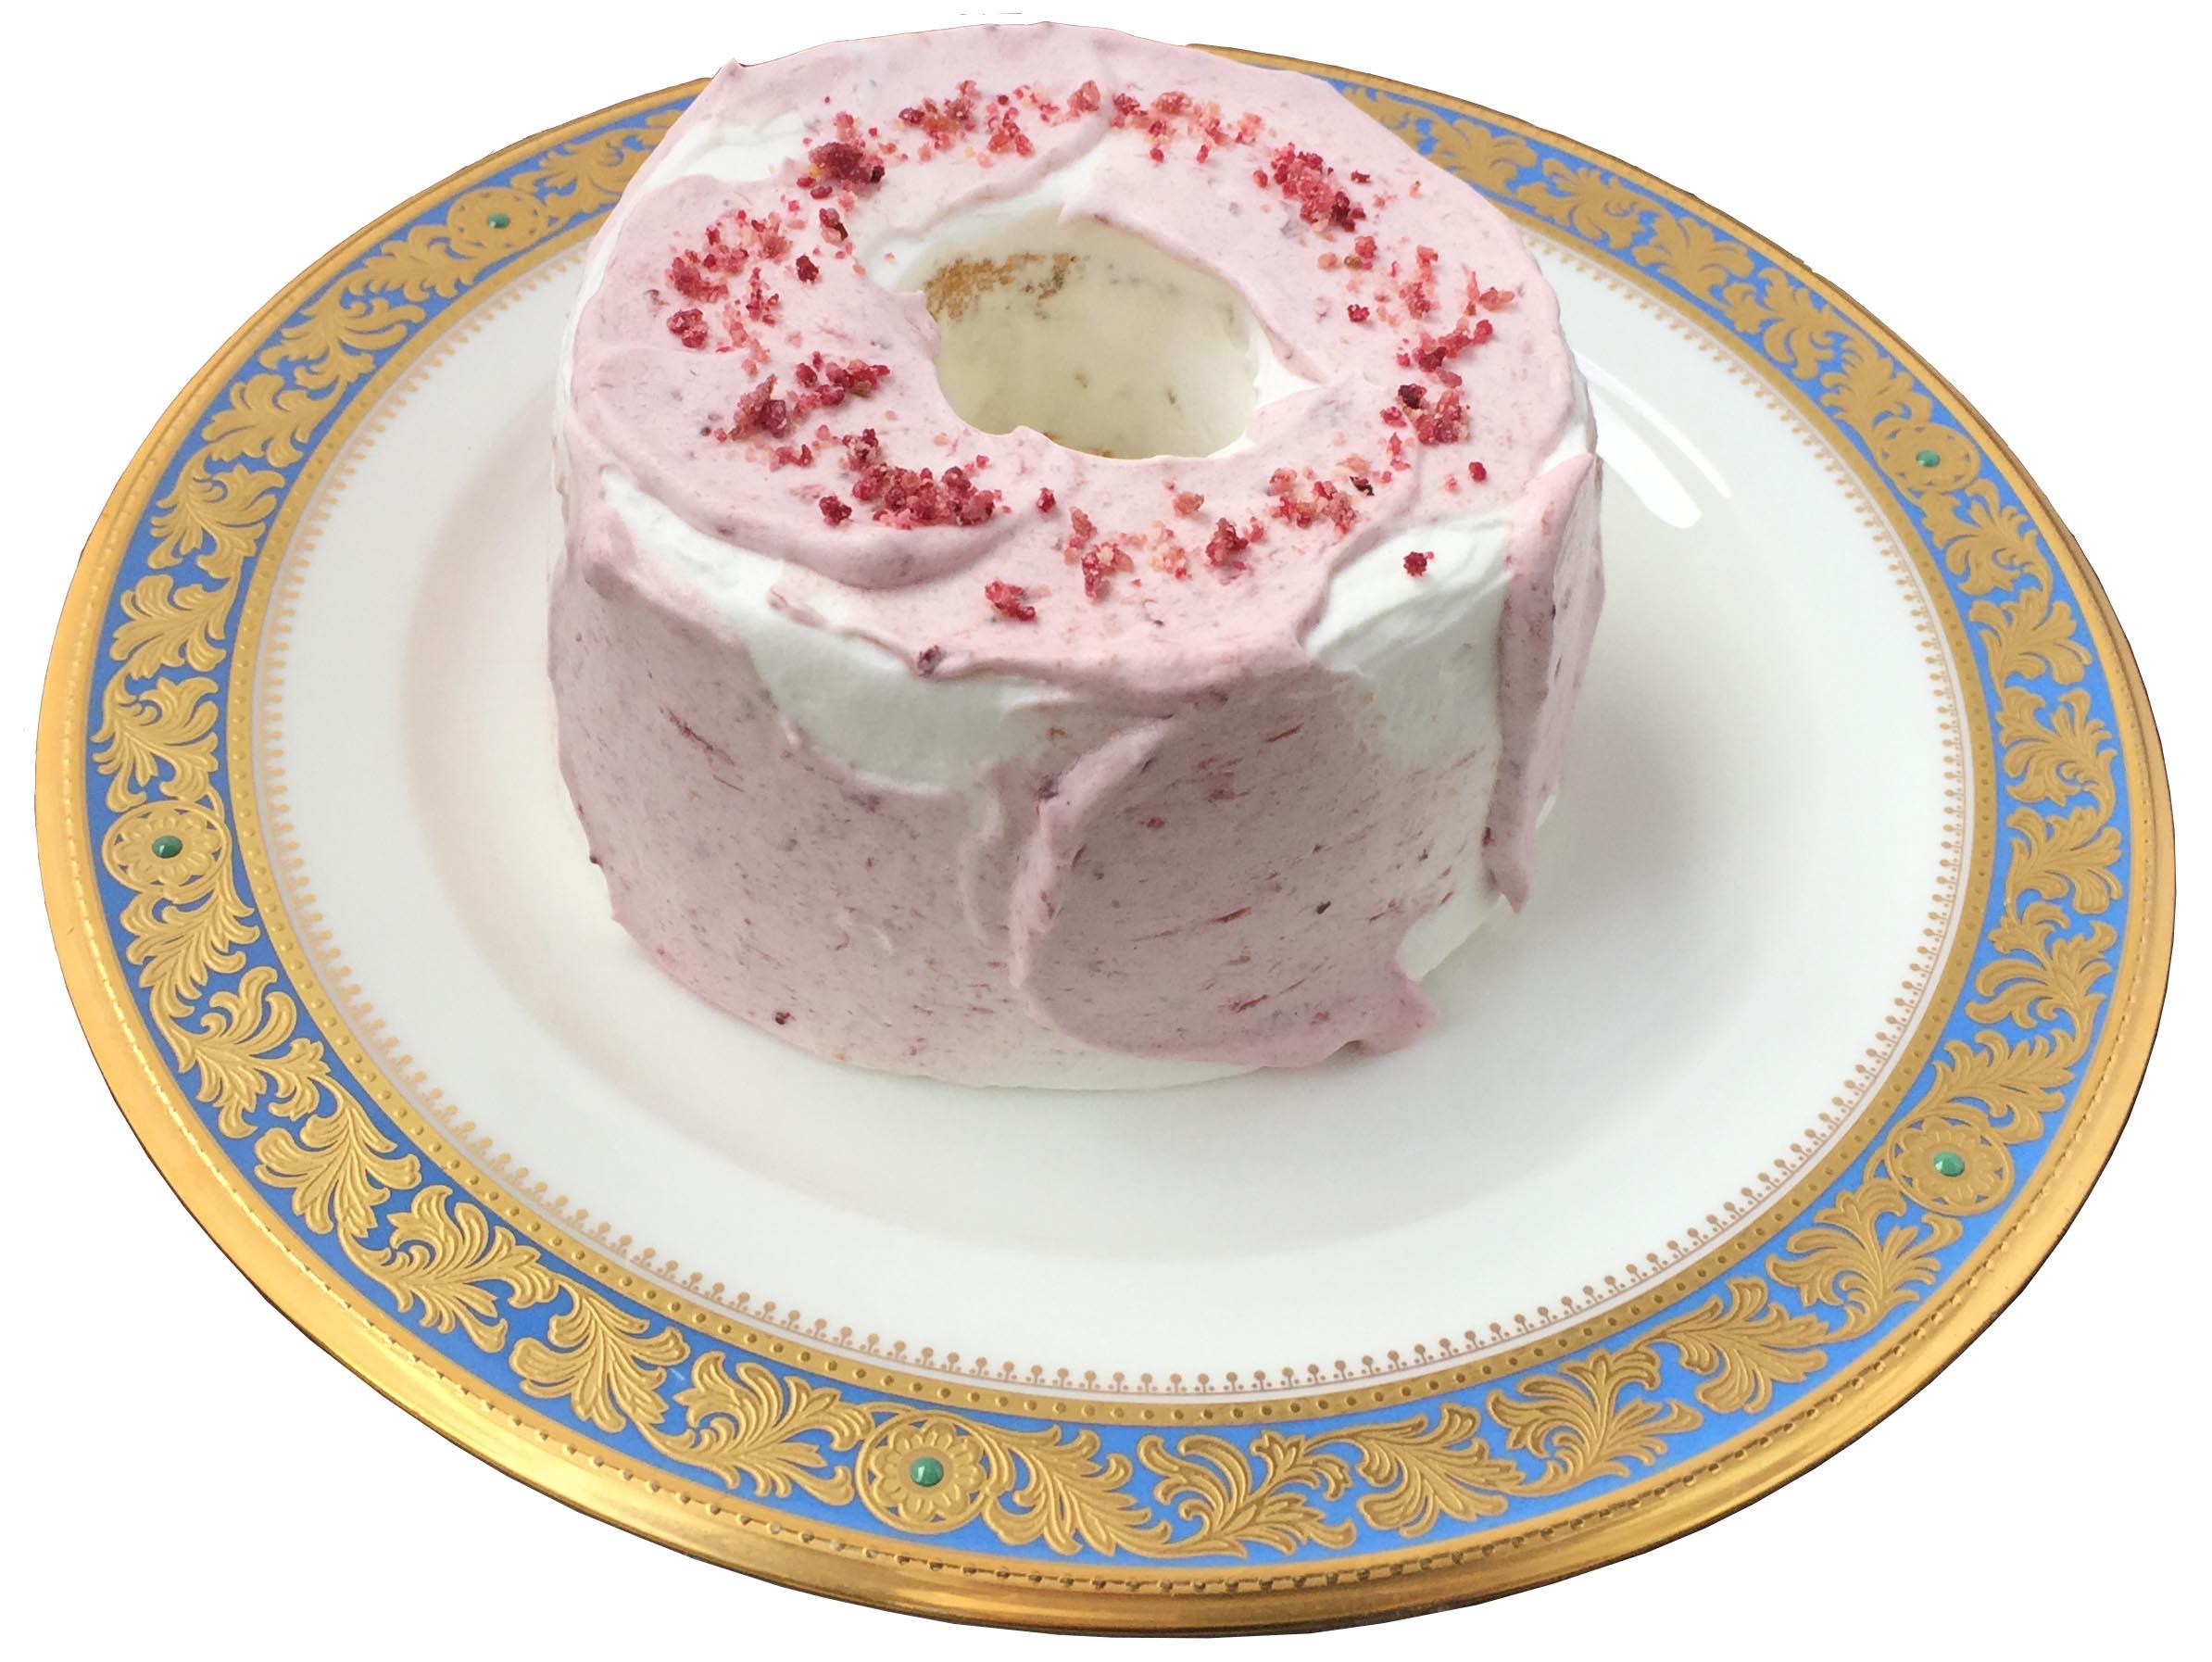 キャラメルシフォンケーキ (桜)ストロベリー